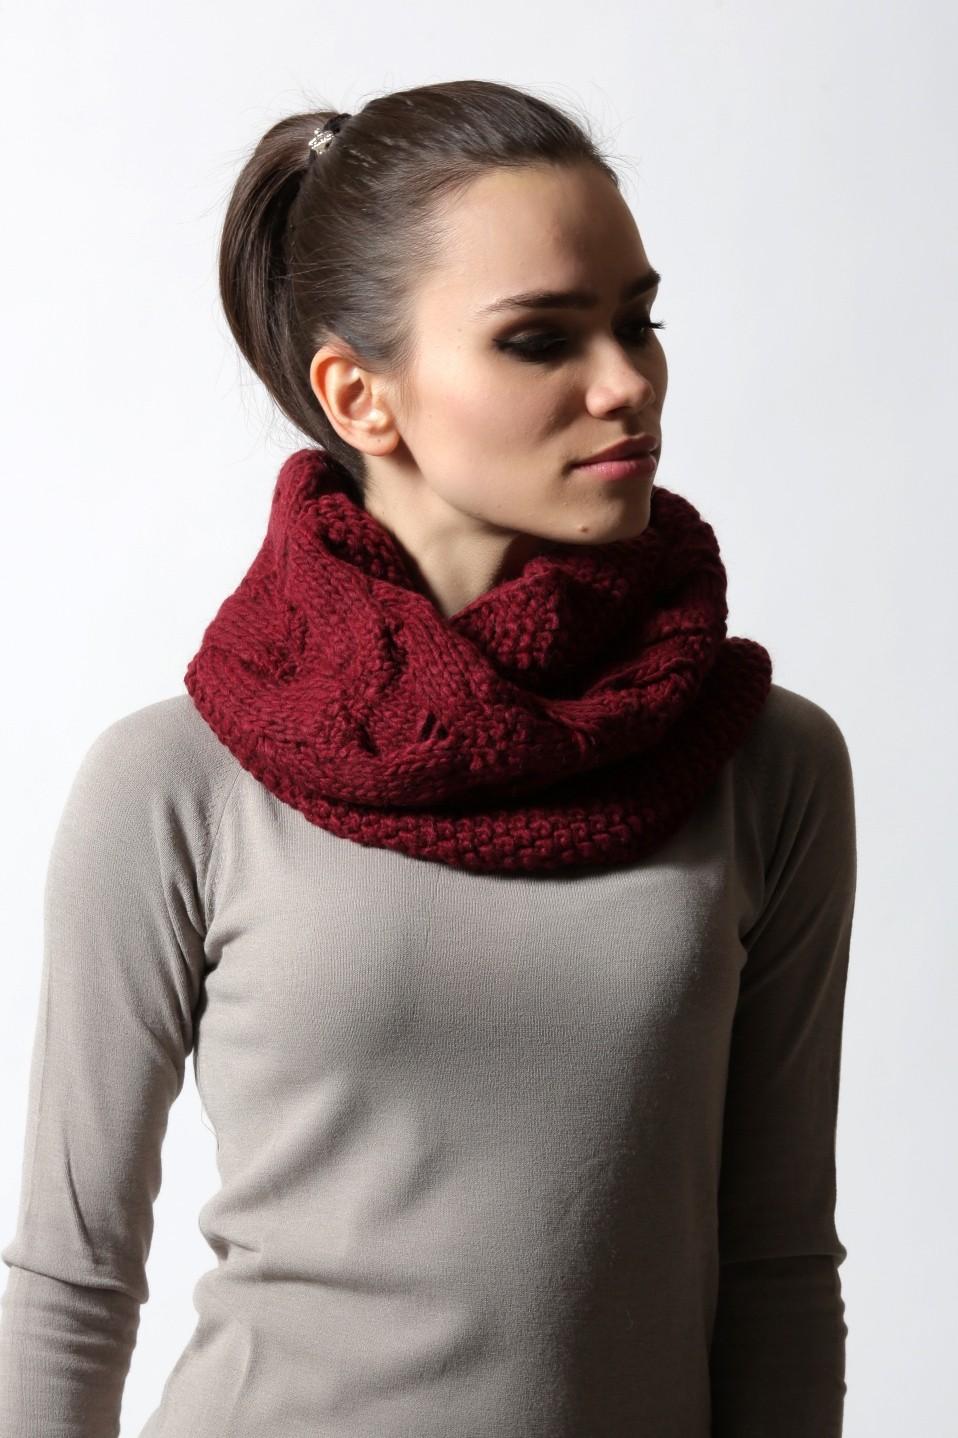 Как правильно носить хомут: красный вокруг шеи